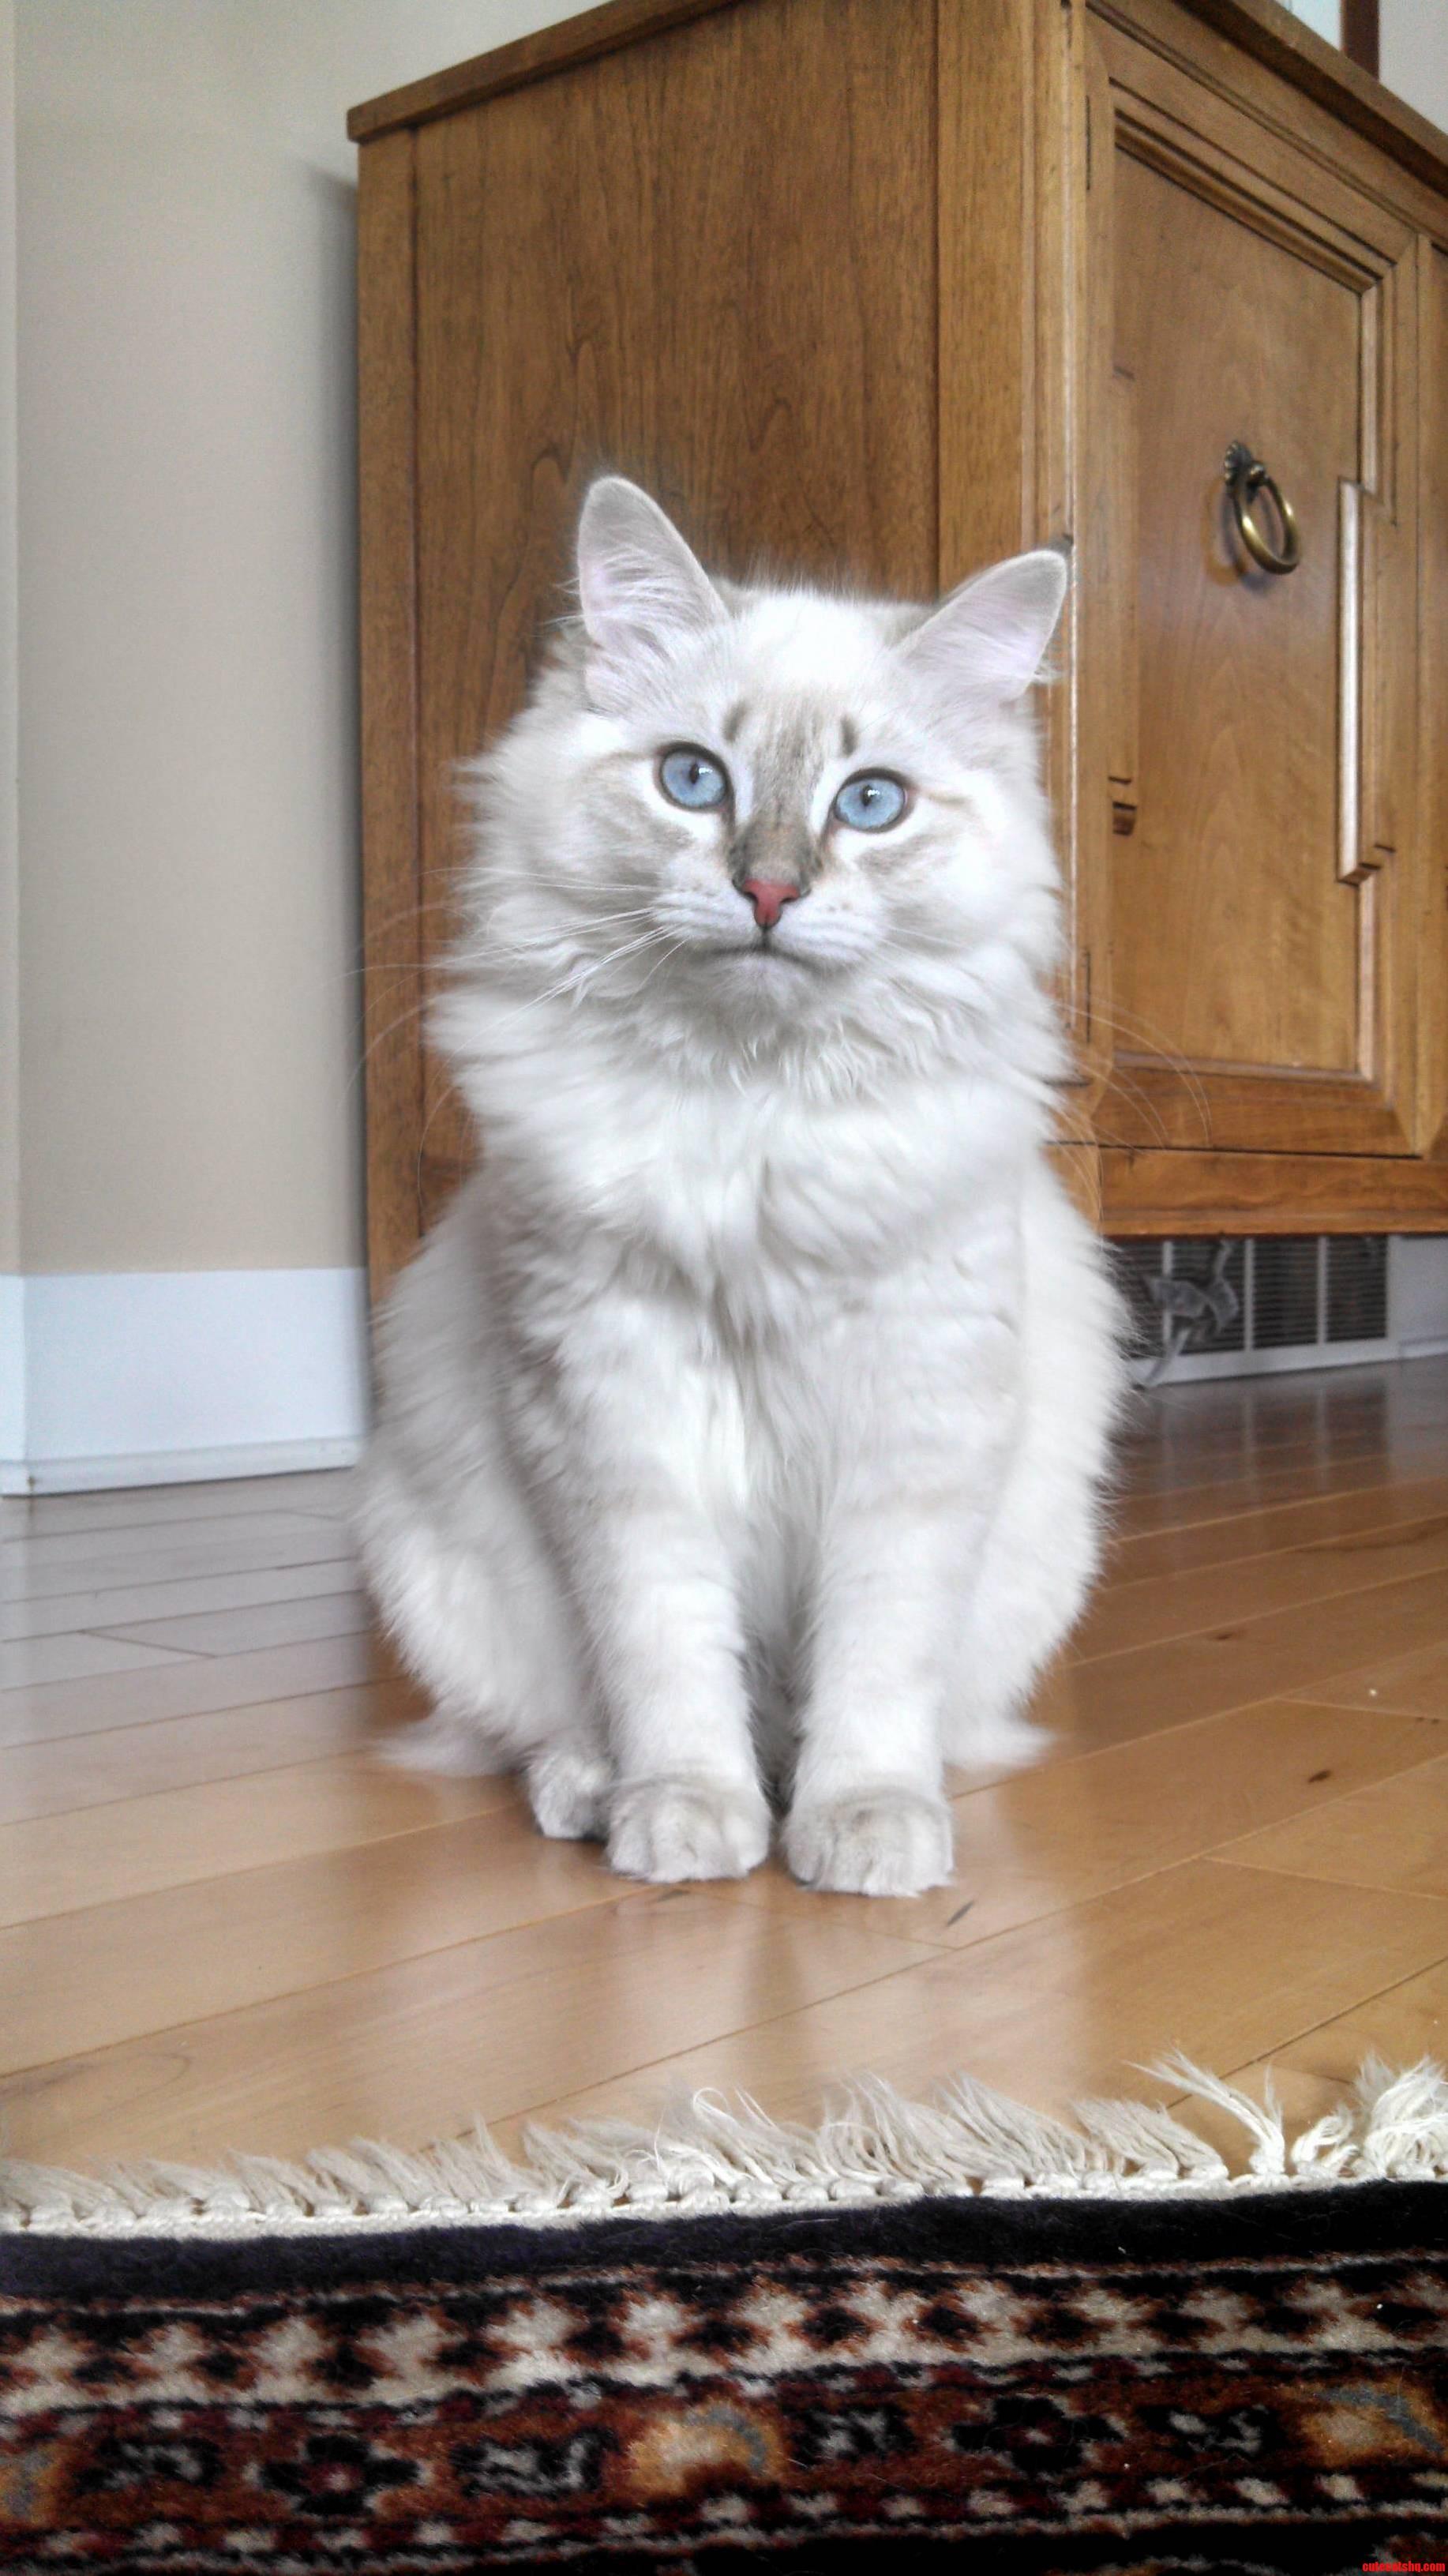 Meet my new cat pixie